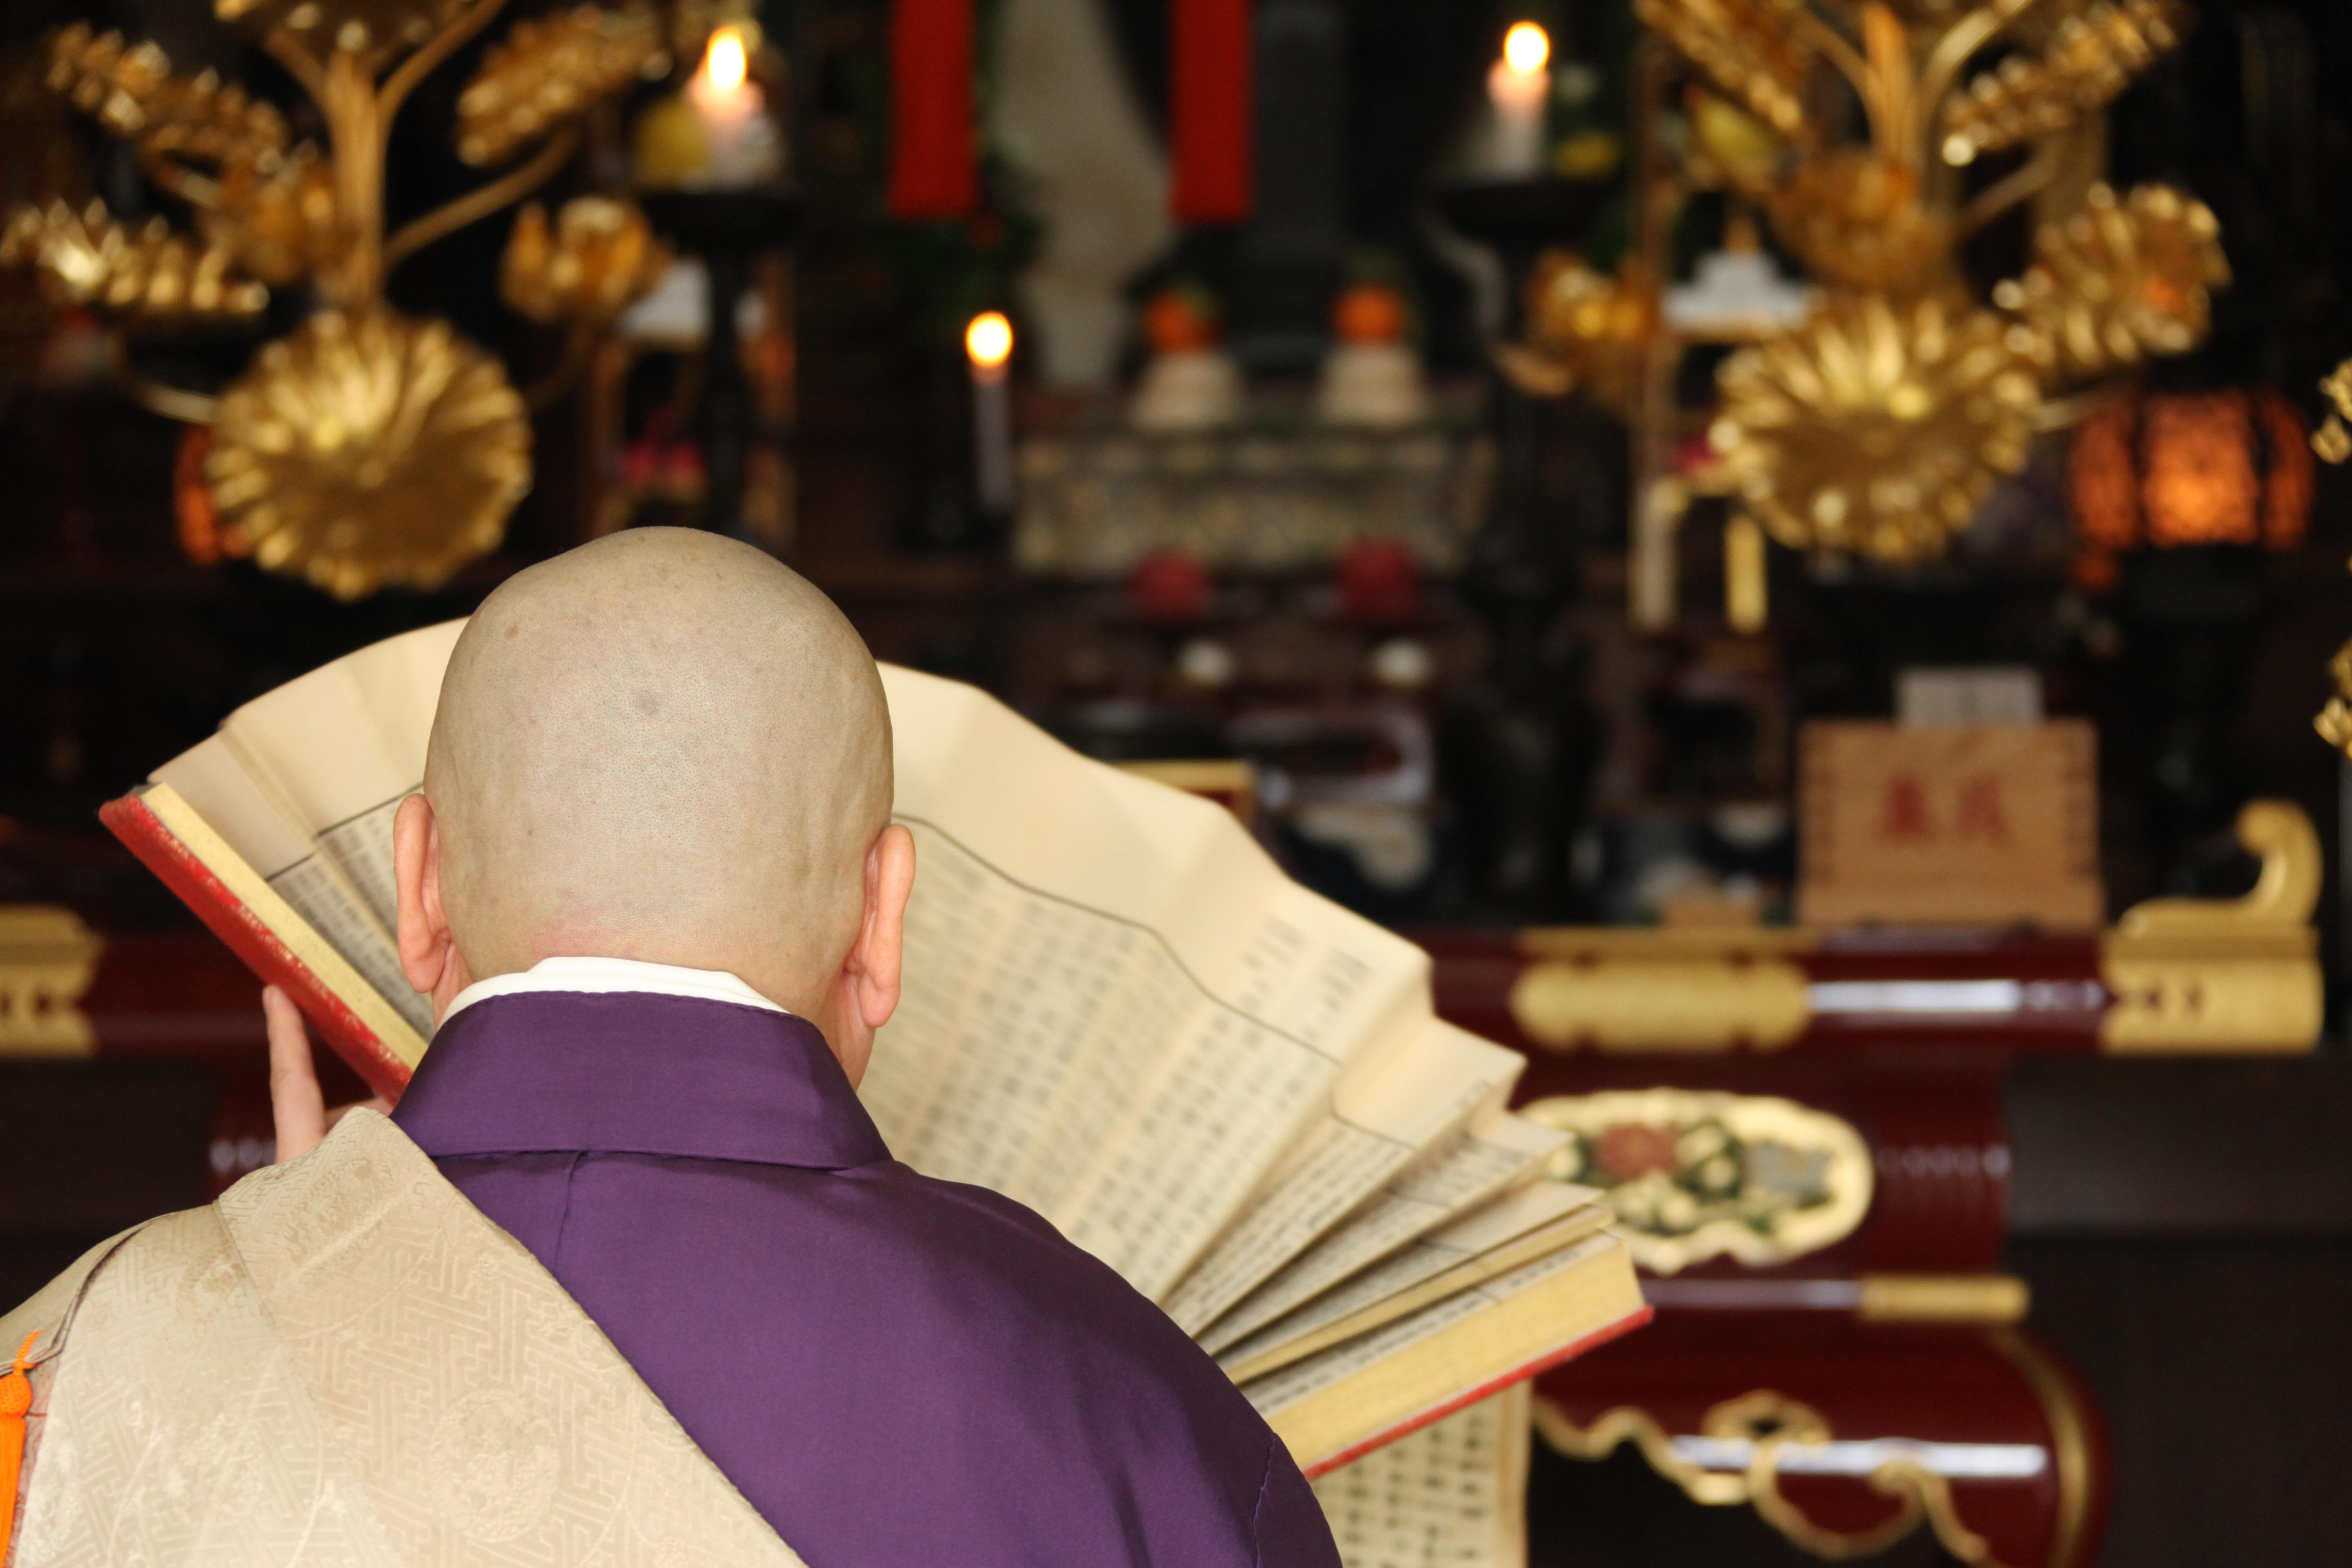 【お葬式】戒名料とはどんなもの?書き方や包み方について徹底解説!のサムネイル画像